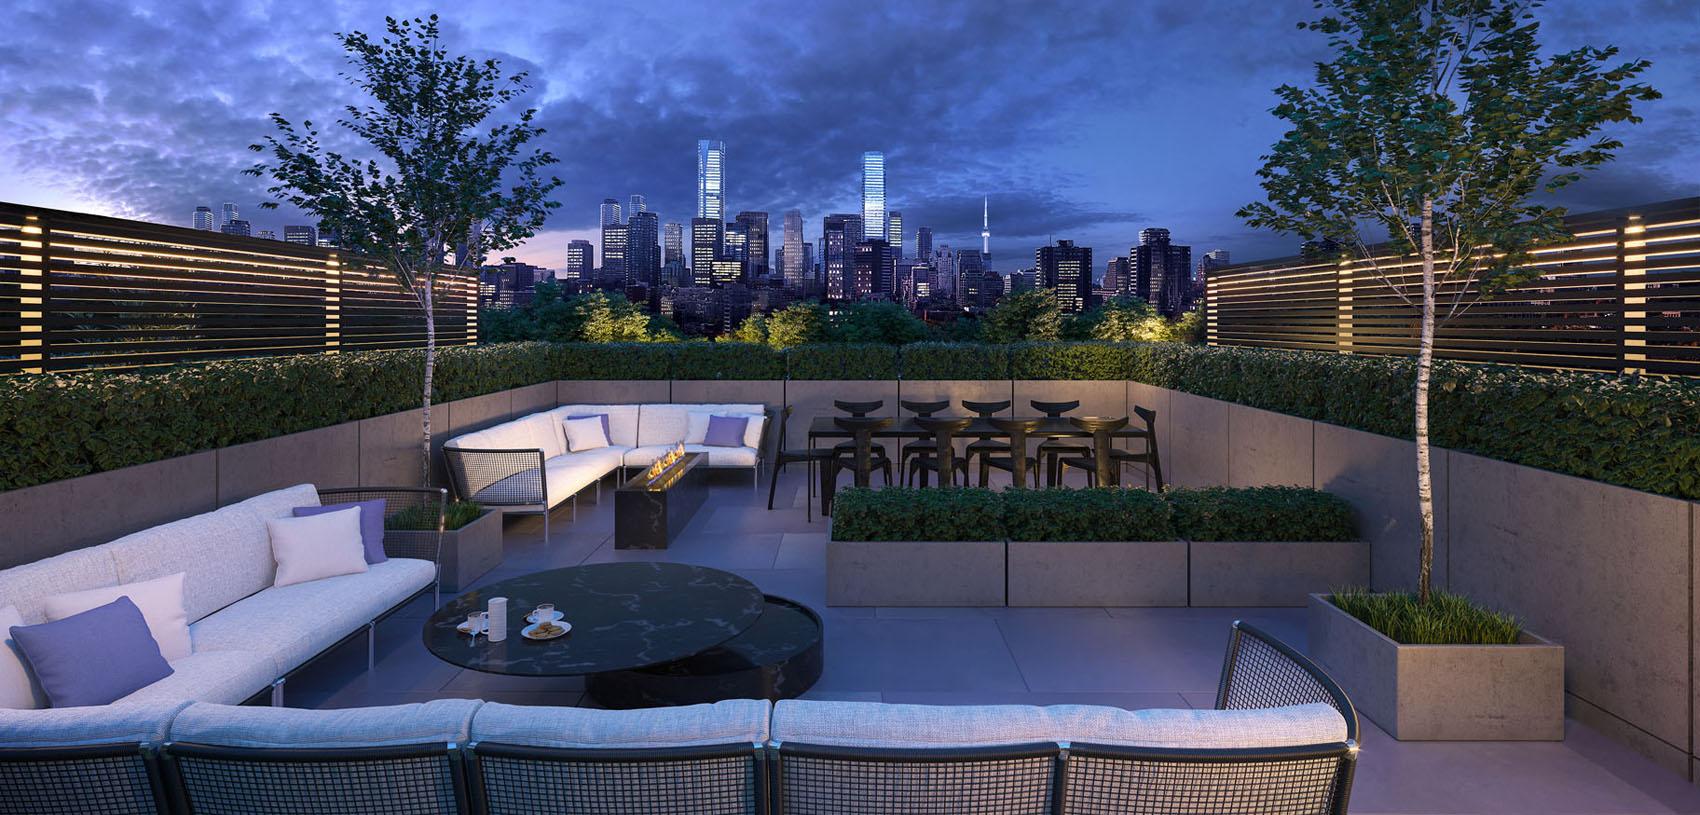 Exterior rendering of 36 Birch Condos rooftop terrace.